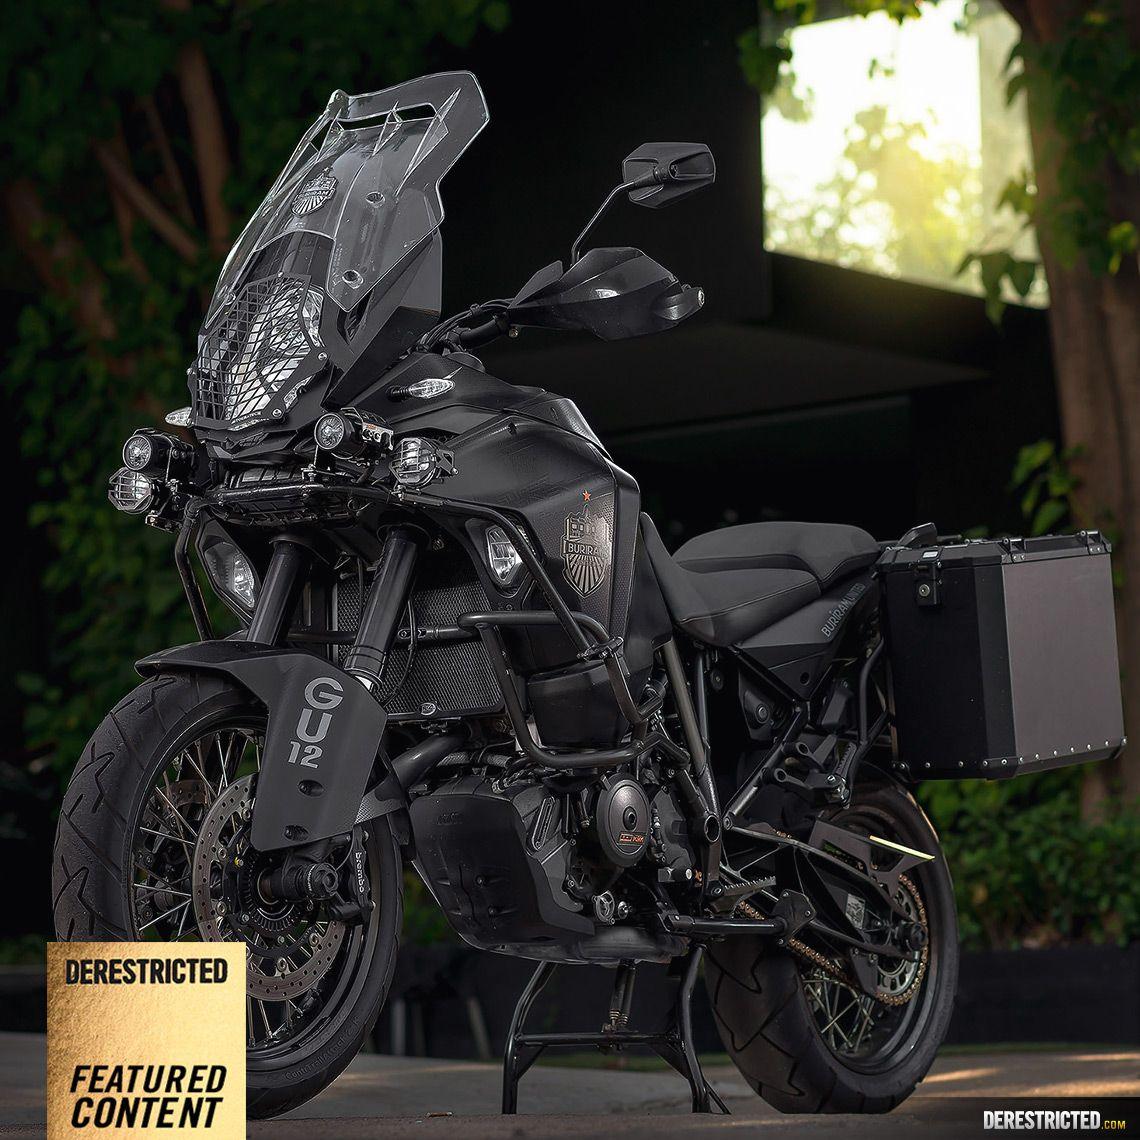 1290 Super Adv Dark Knight Featured Ktm Adventure Ktm Adventure Motorcycling